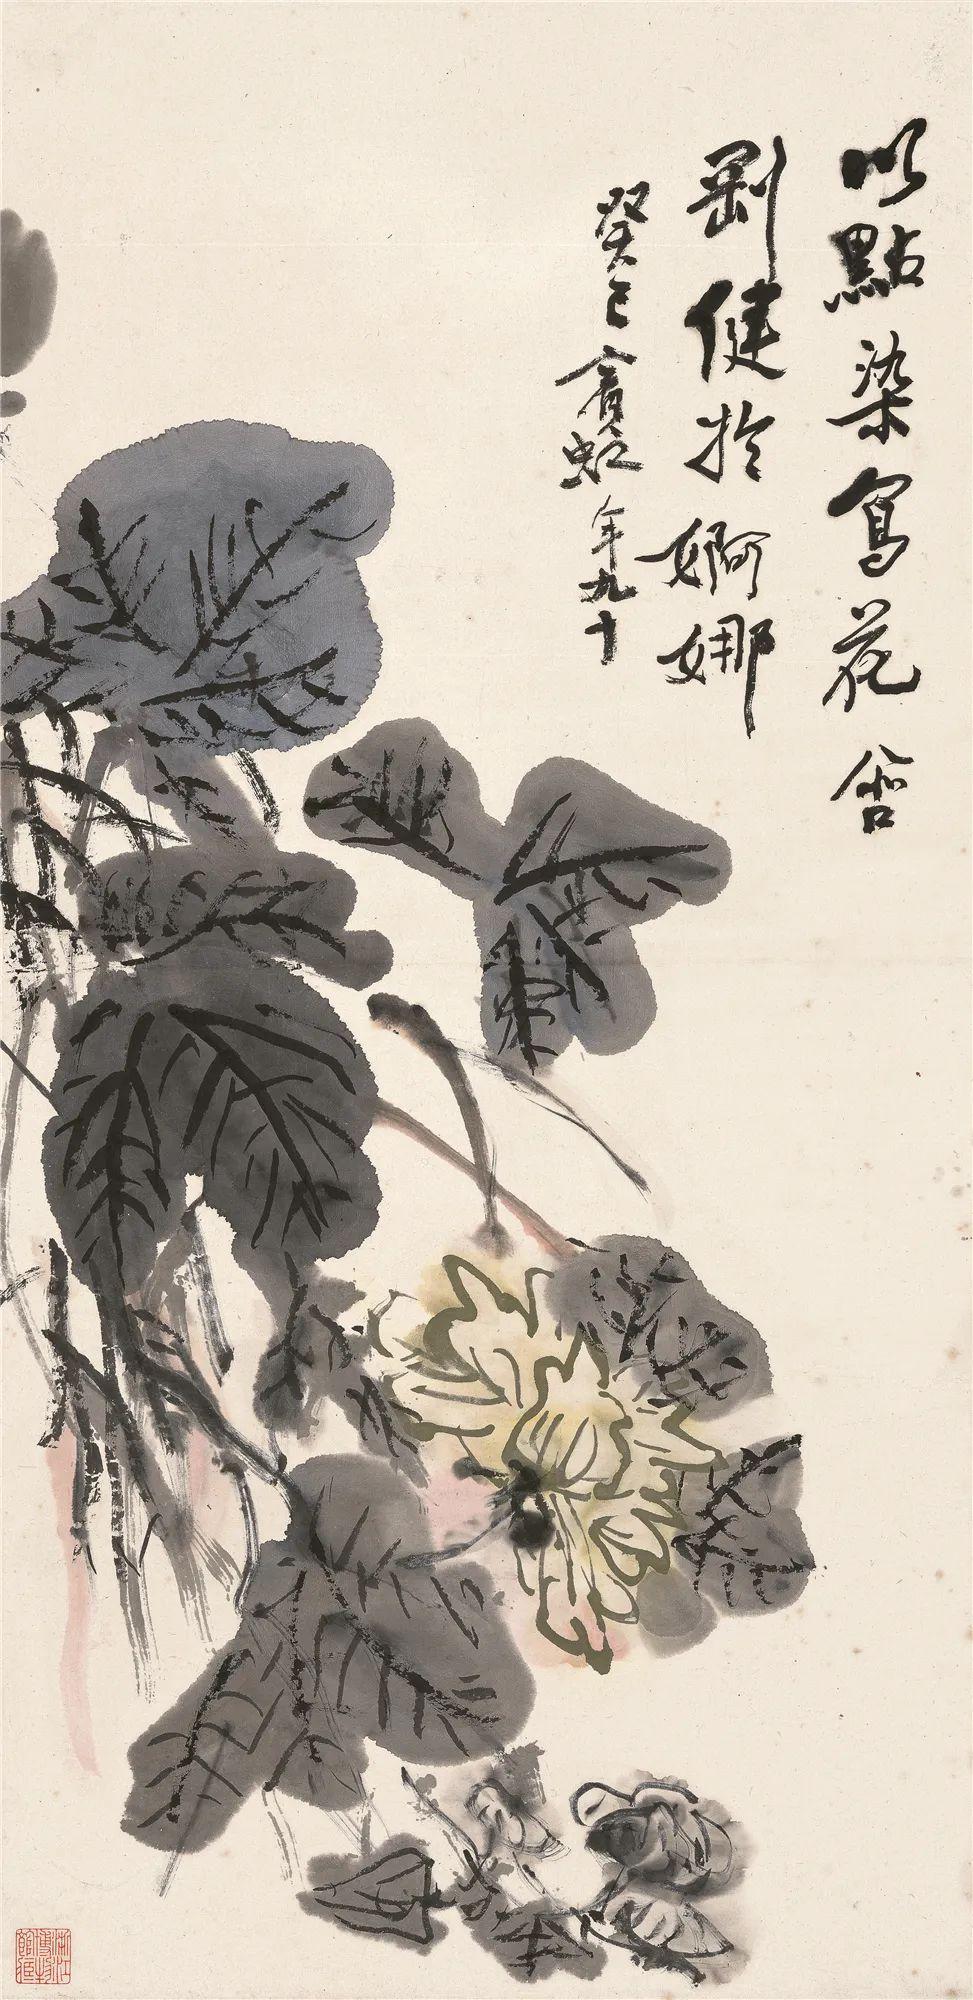 鉴赏|黄宾虹花鸟画之美:含刚健于婀娜